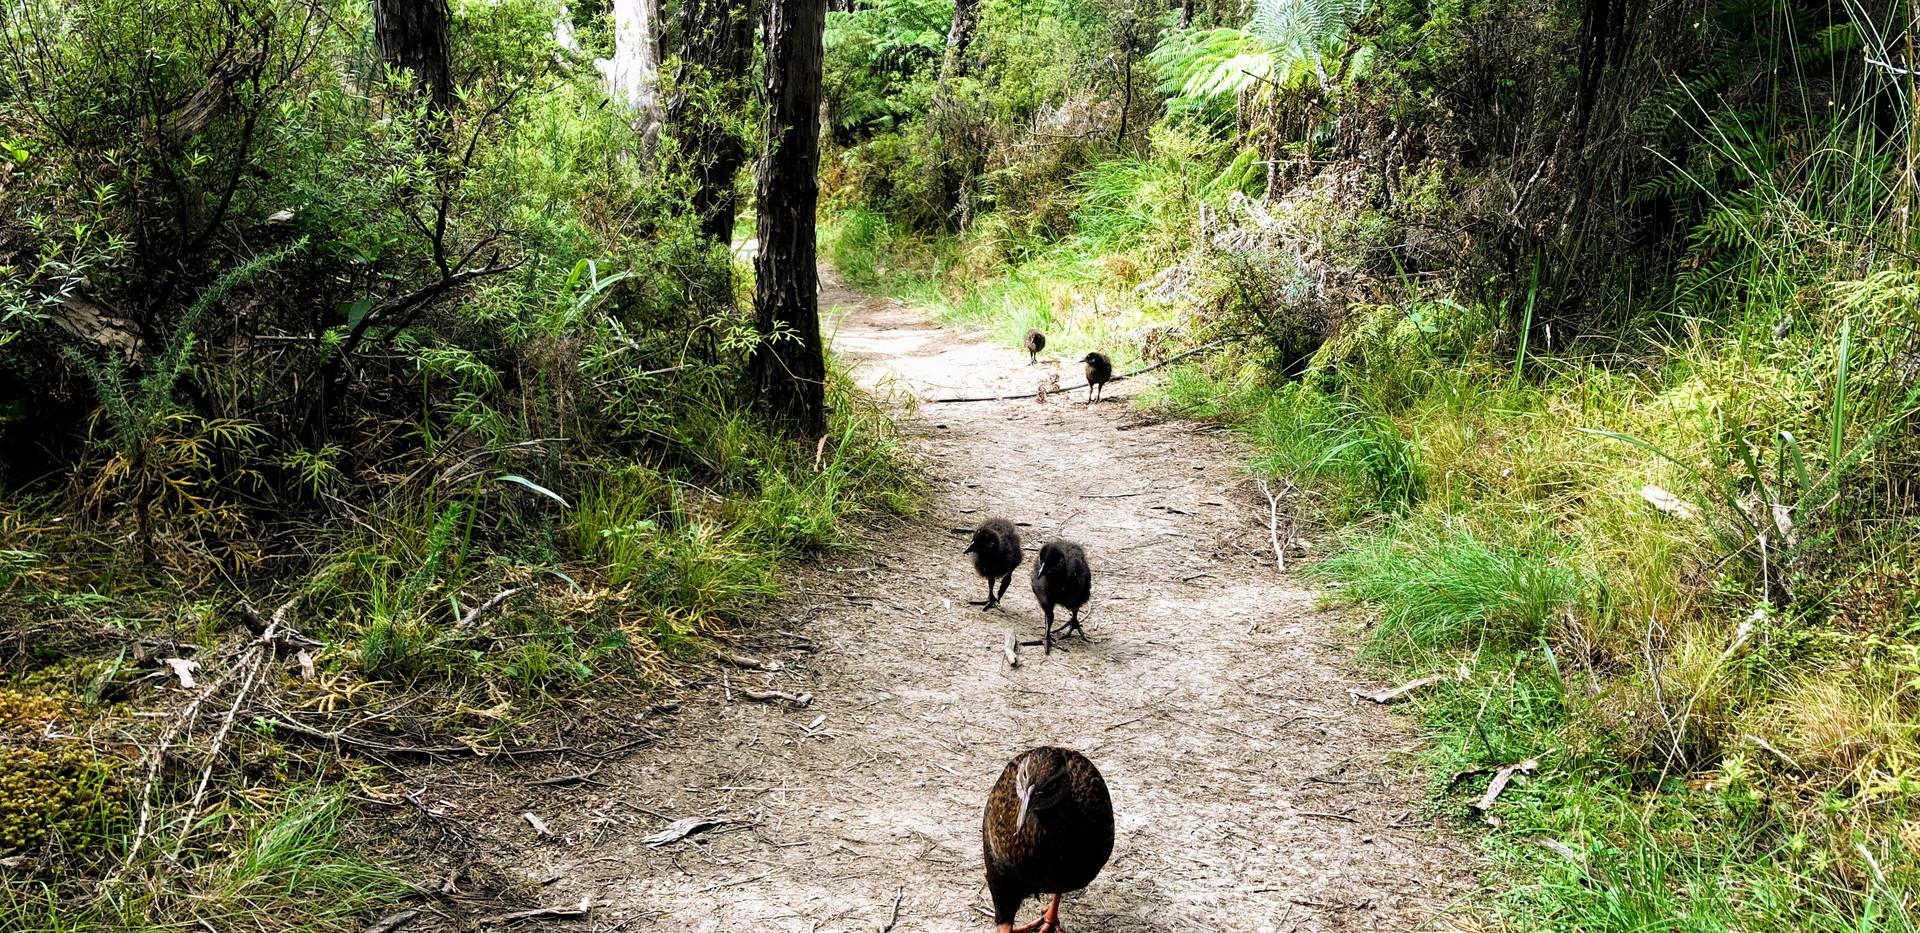 エイベルタズマン国立公園ウォーク ウェカの家族に遭遇